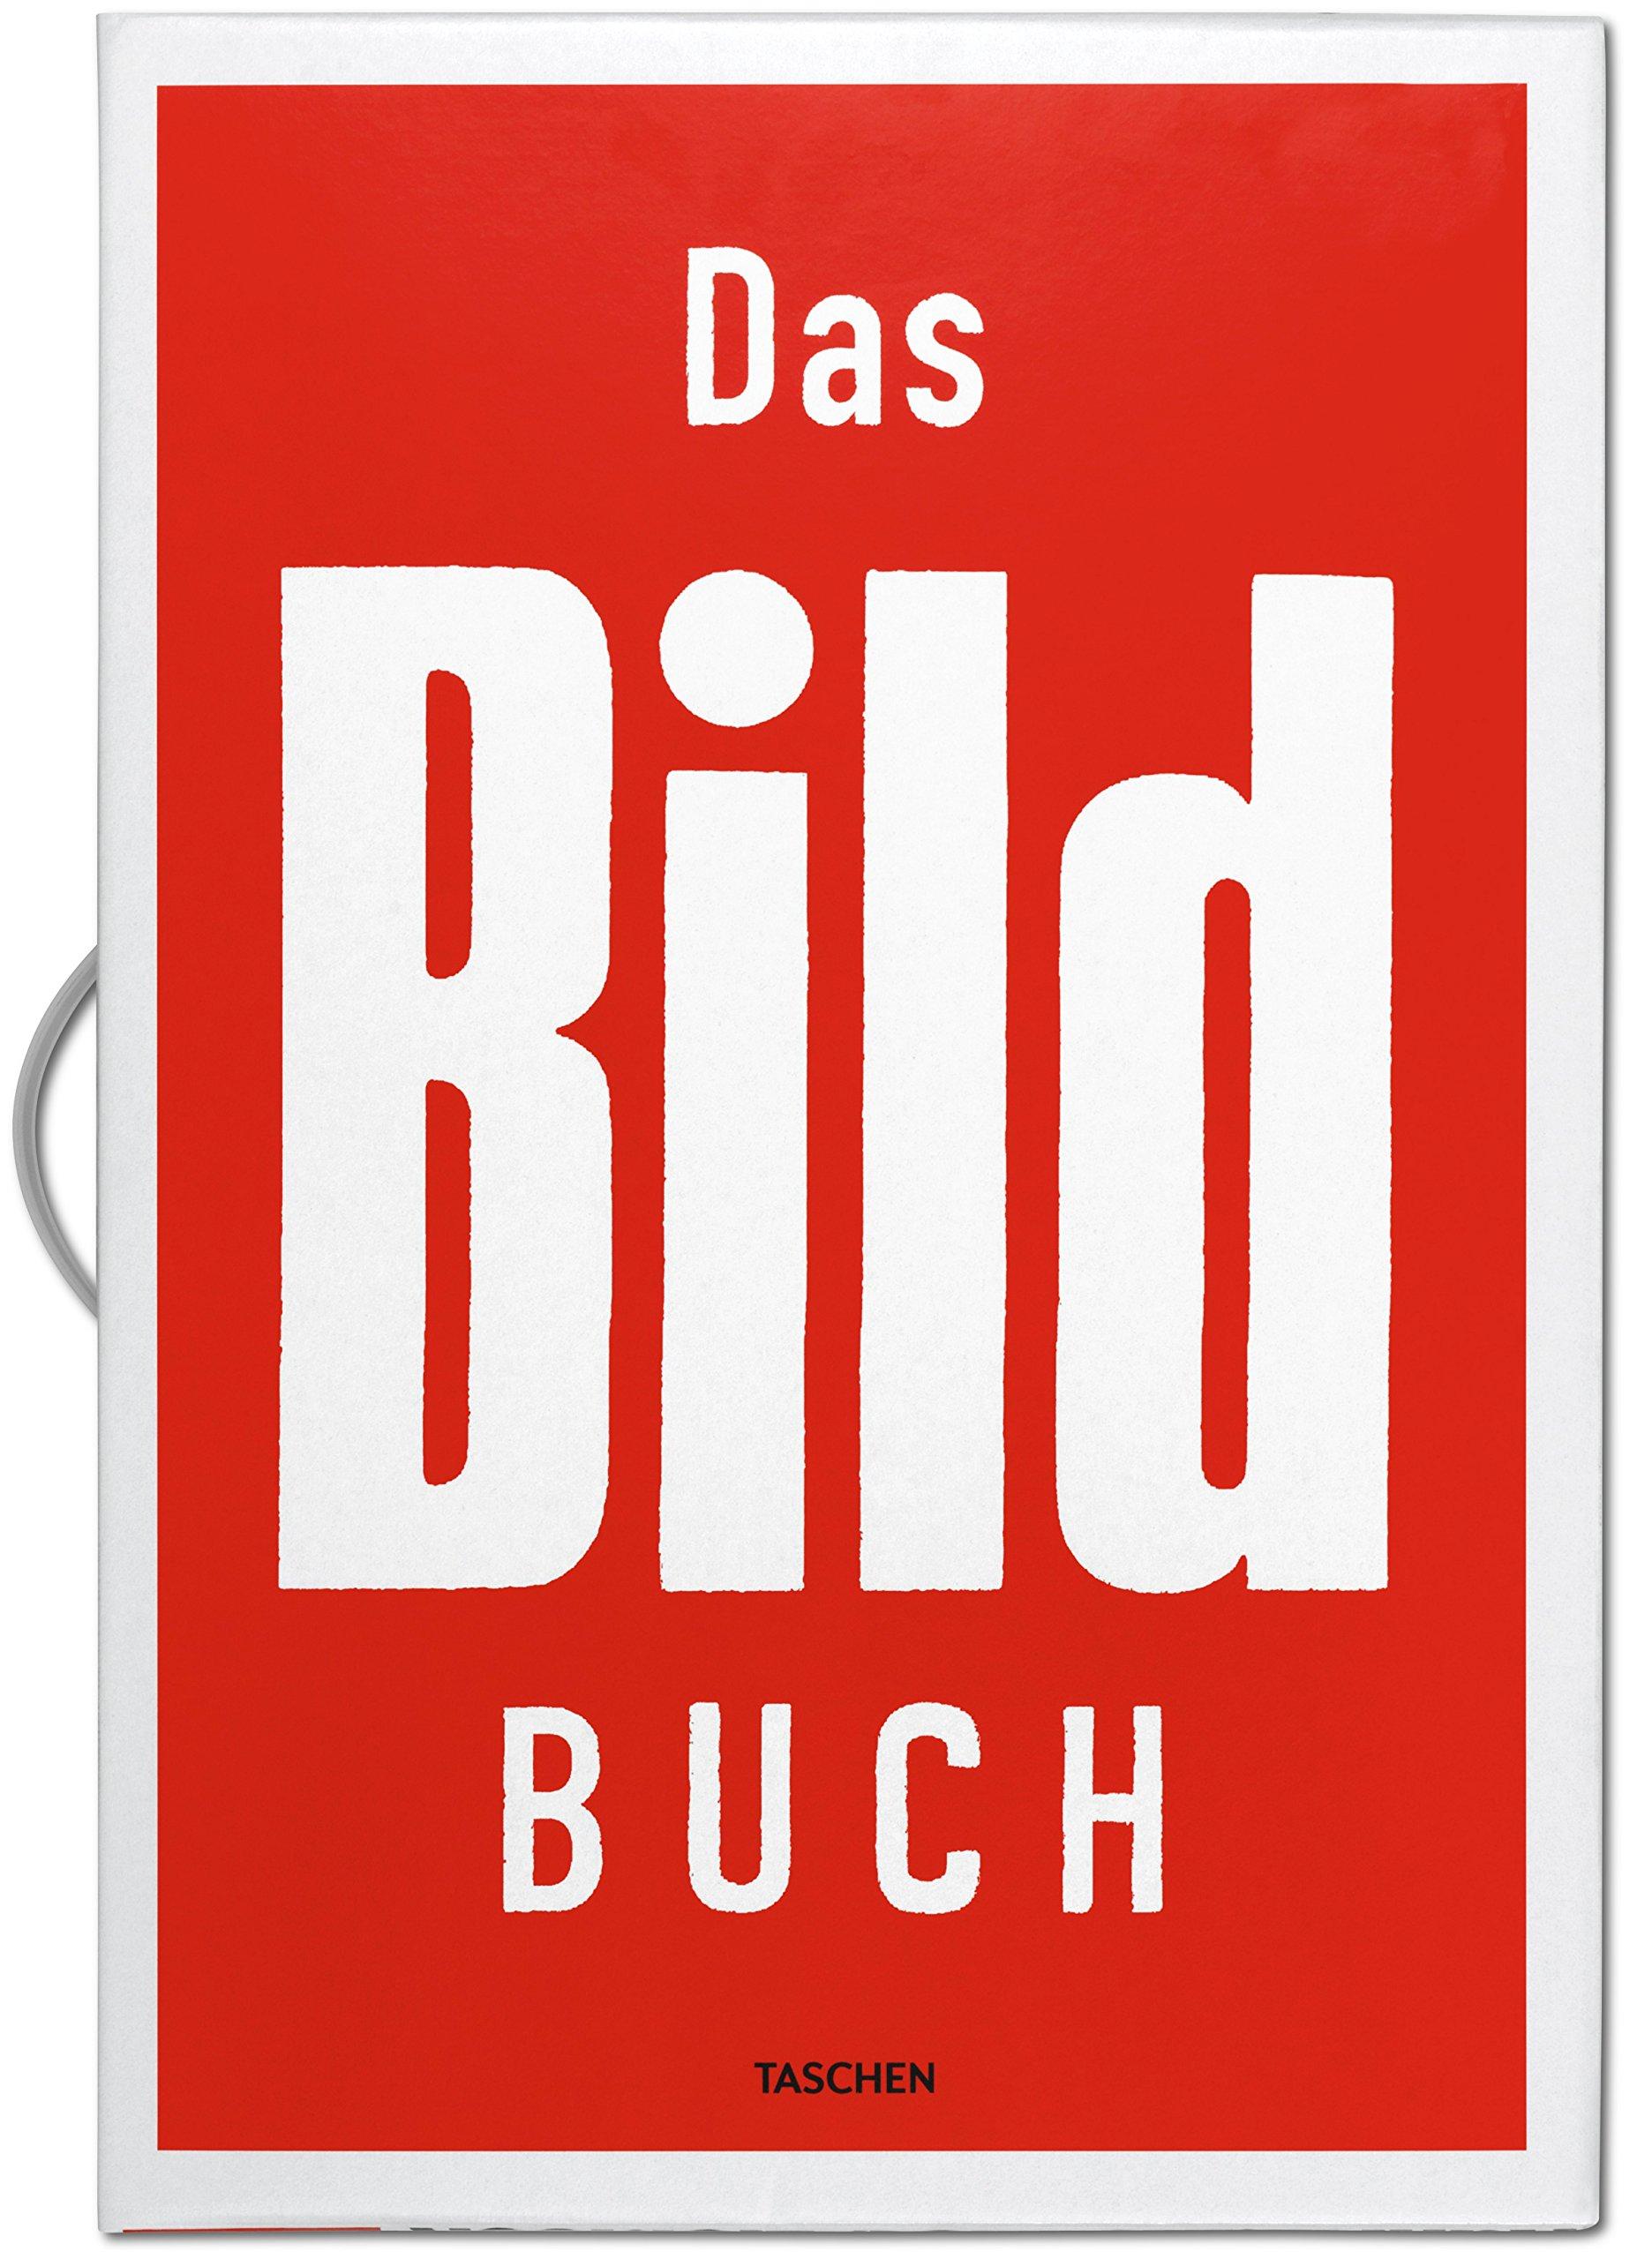 Das BILD-Buch: Amazon.de: Diekmann, Kai, Aust, Stefan, Schirach, Ferdinand  von, Wagner, Franz Josef: Bücher